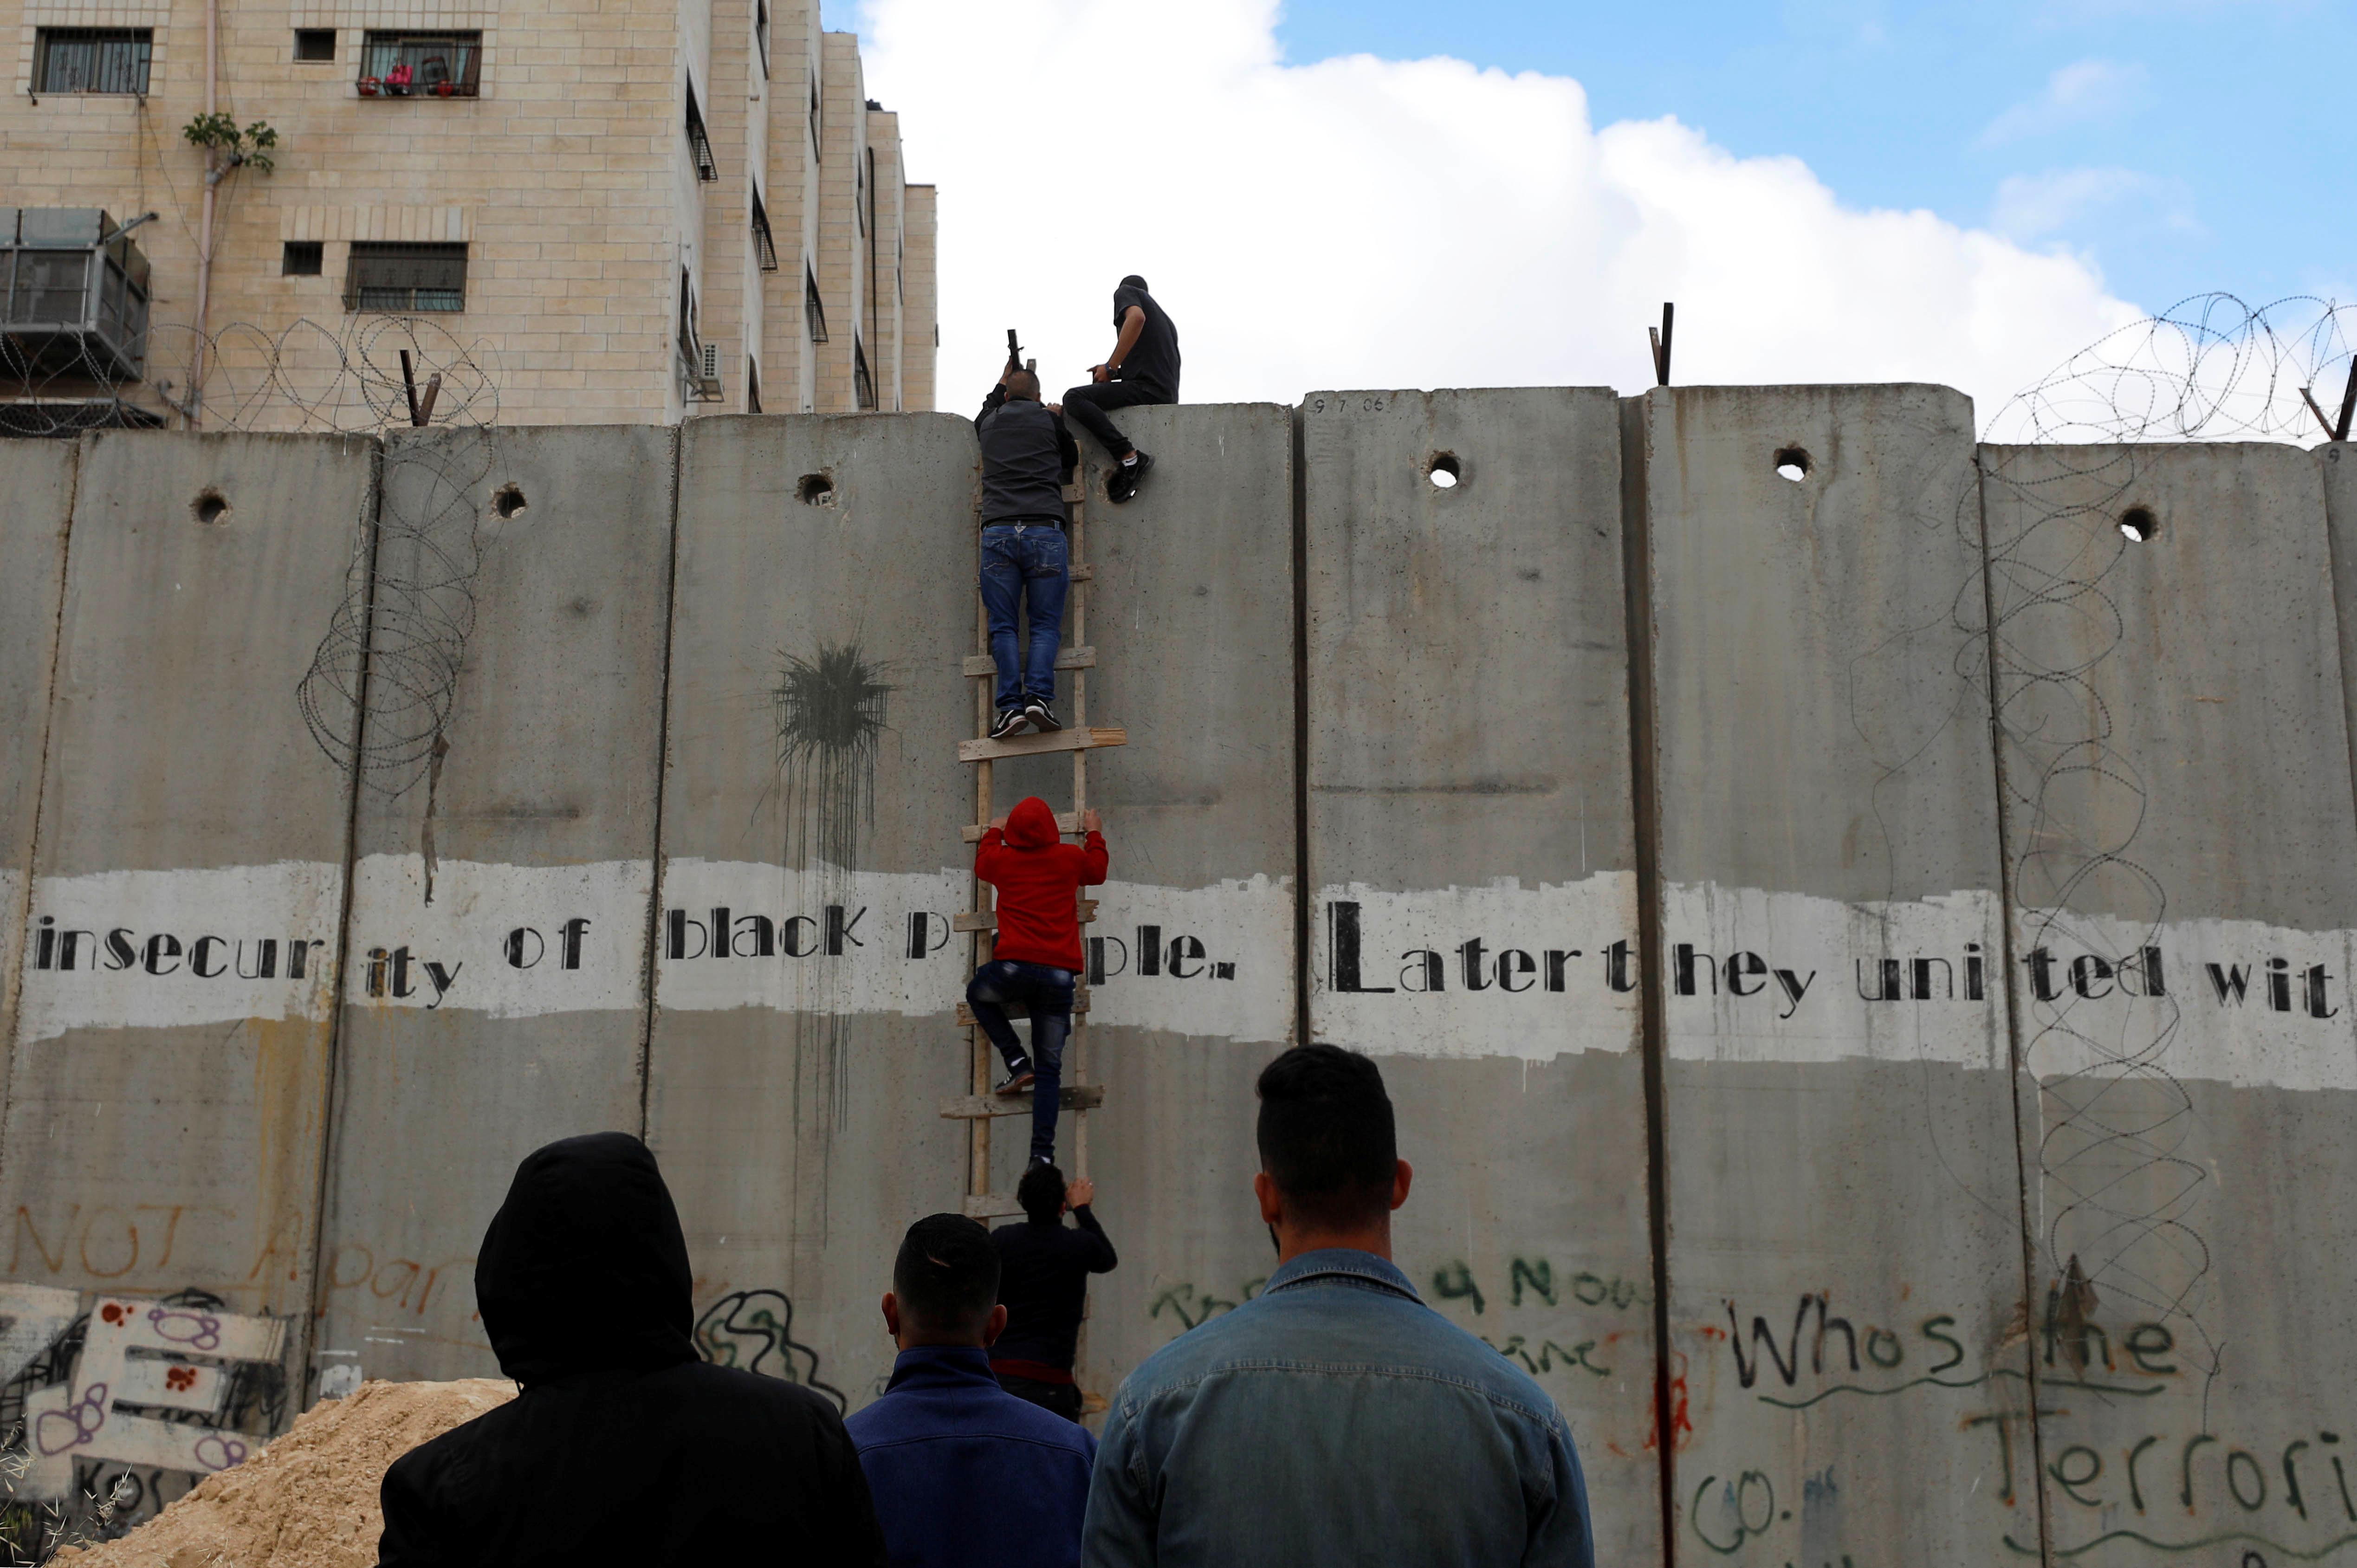 فلسطينيون يعبرون حواجز الاحتلال لتأدية صلاة الجمعة (3)